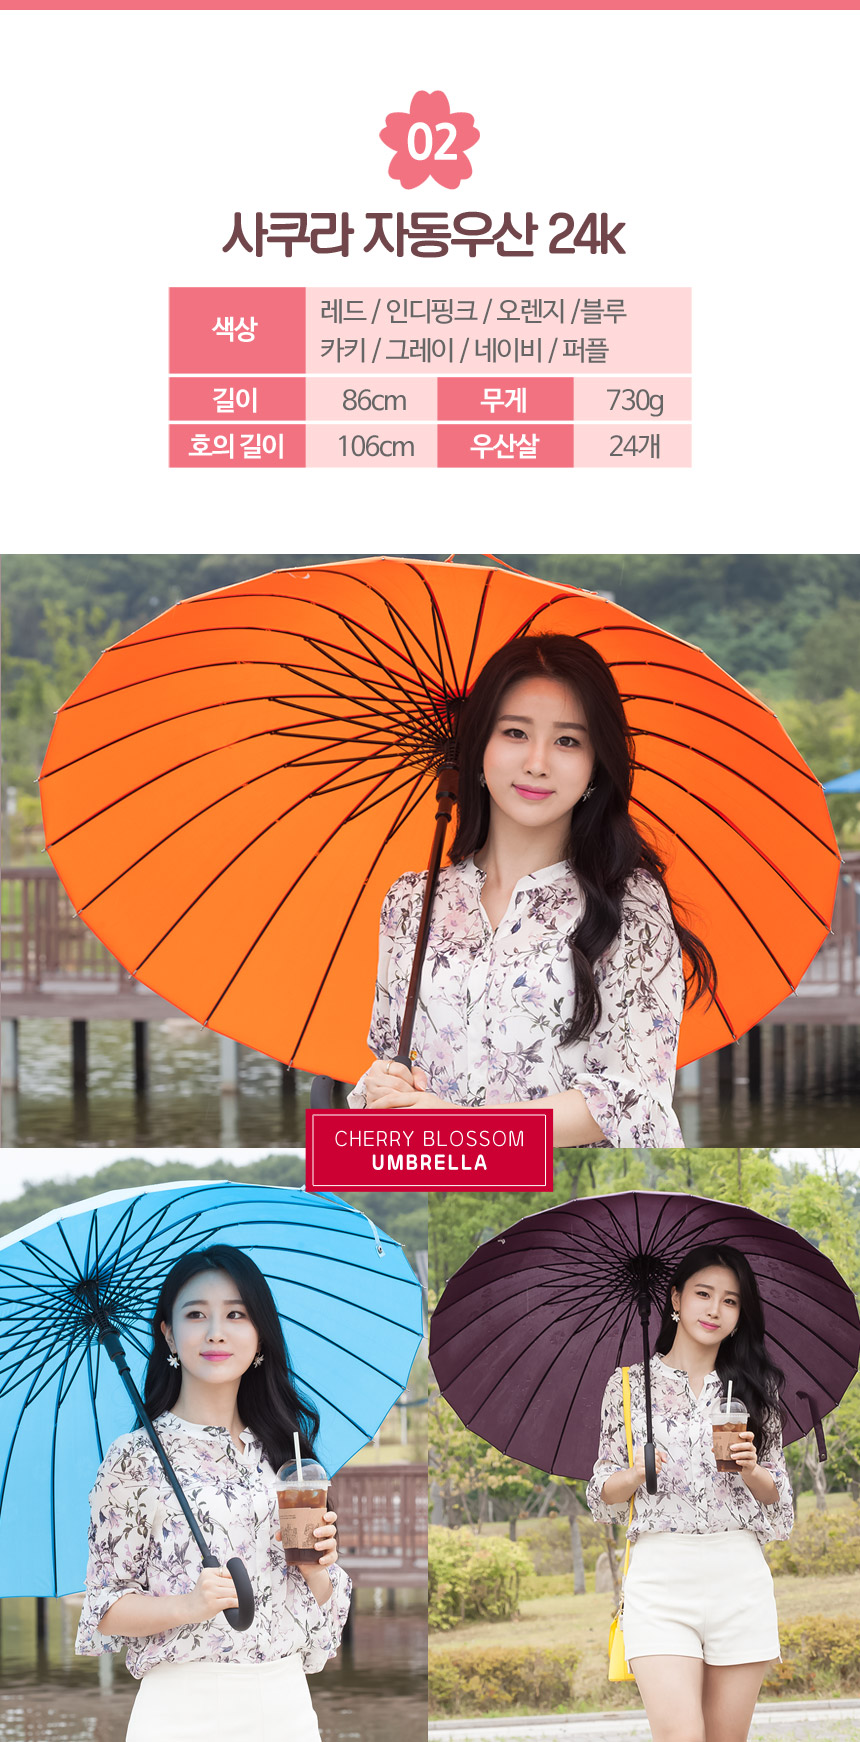 비가 오면 꽃이 피는 사쿠라 자동장우산 - 잇쇼, 13,900원, 우산, 자동장우산